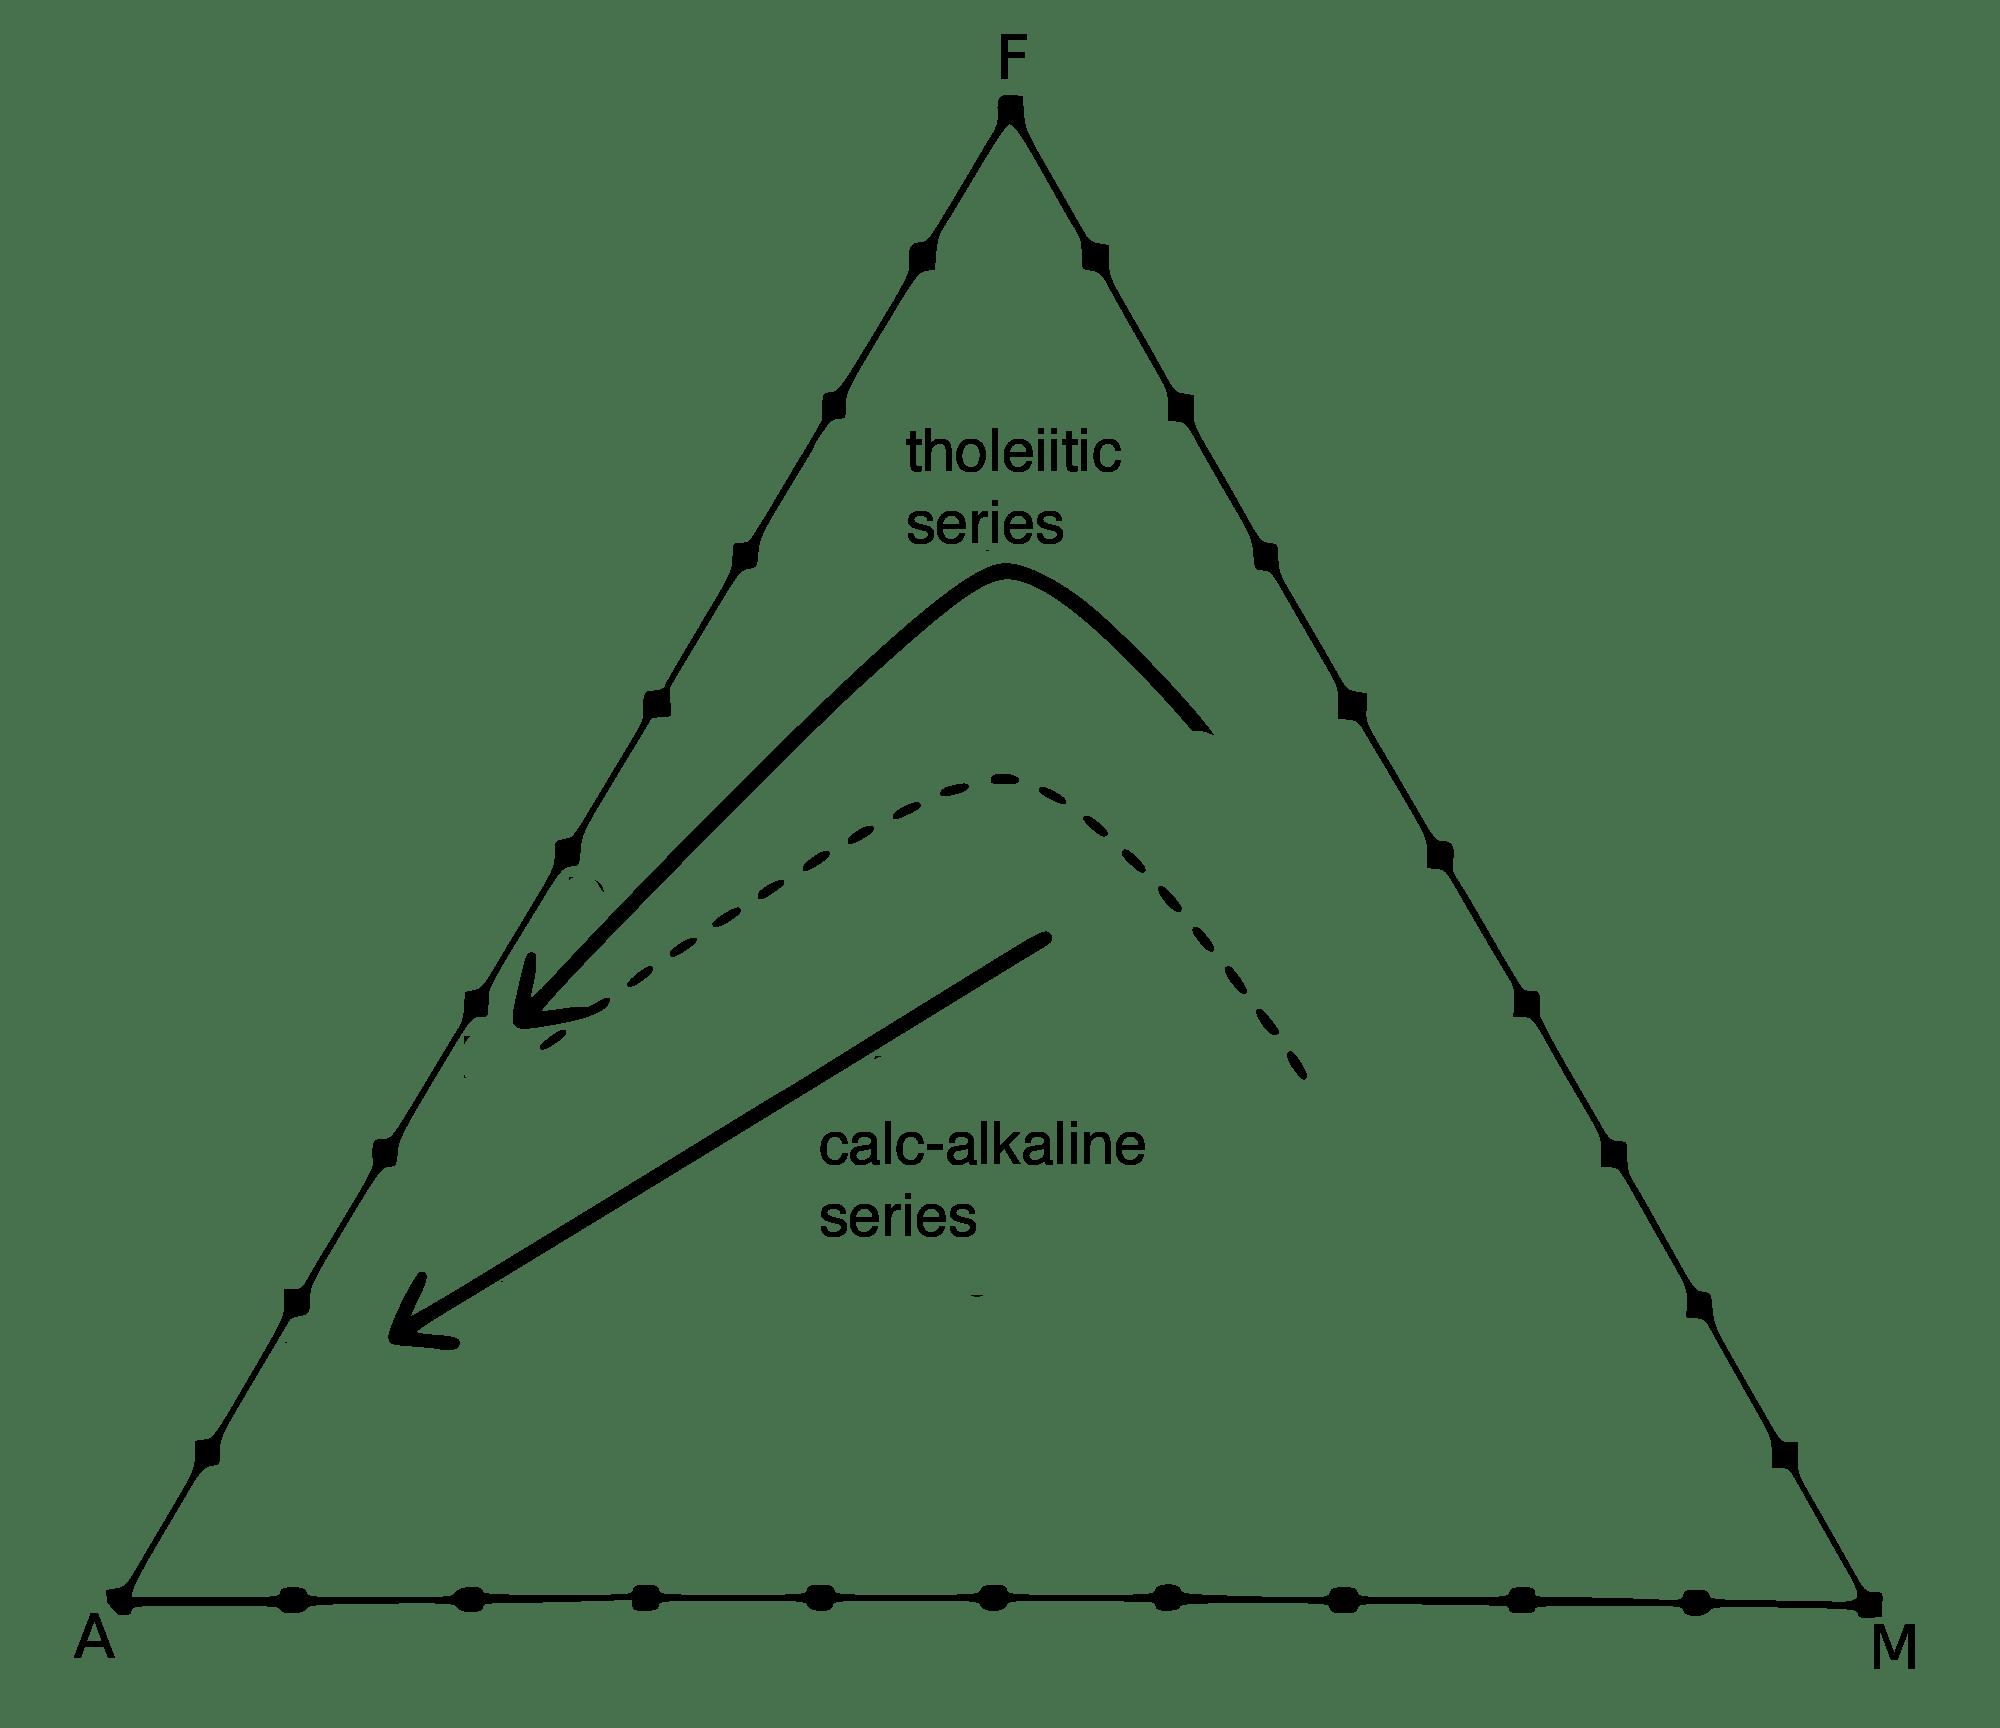 File Afm Diagram